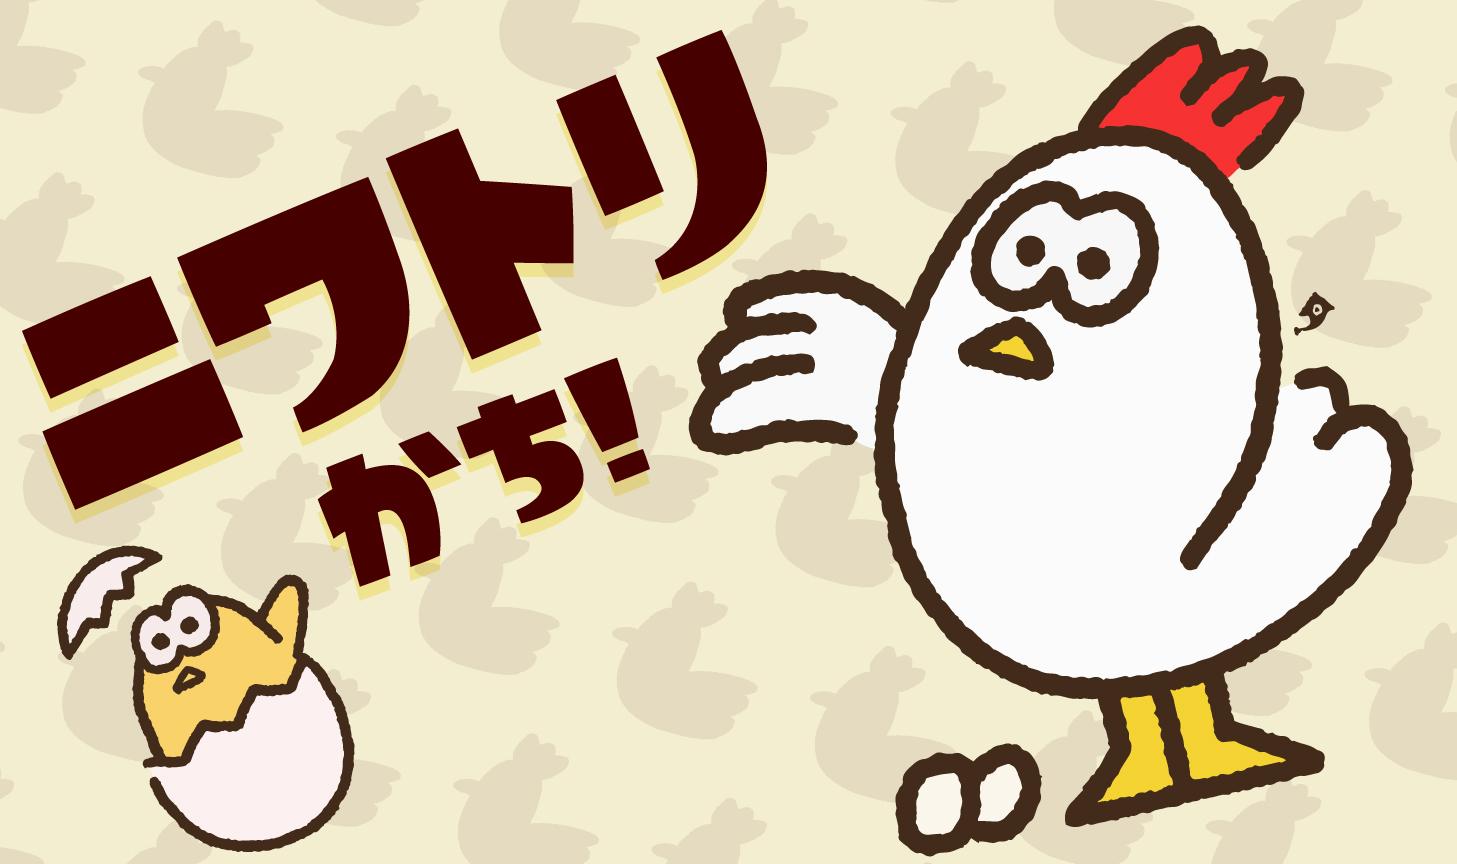 Team Chicken